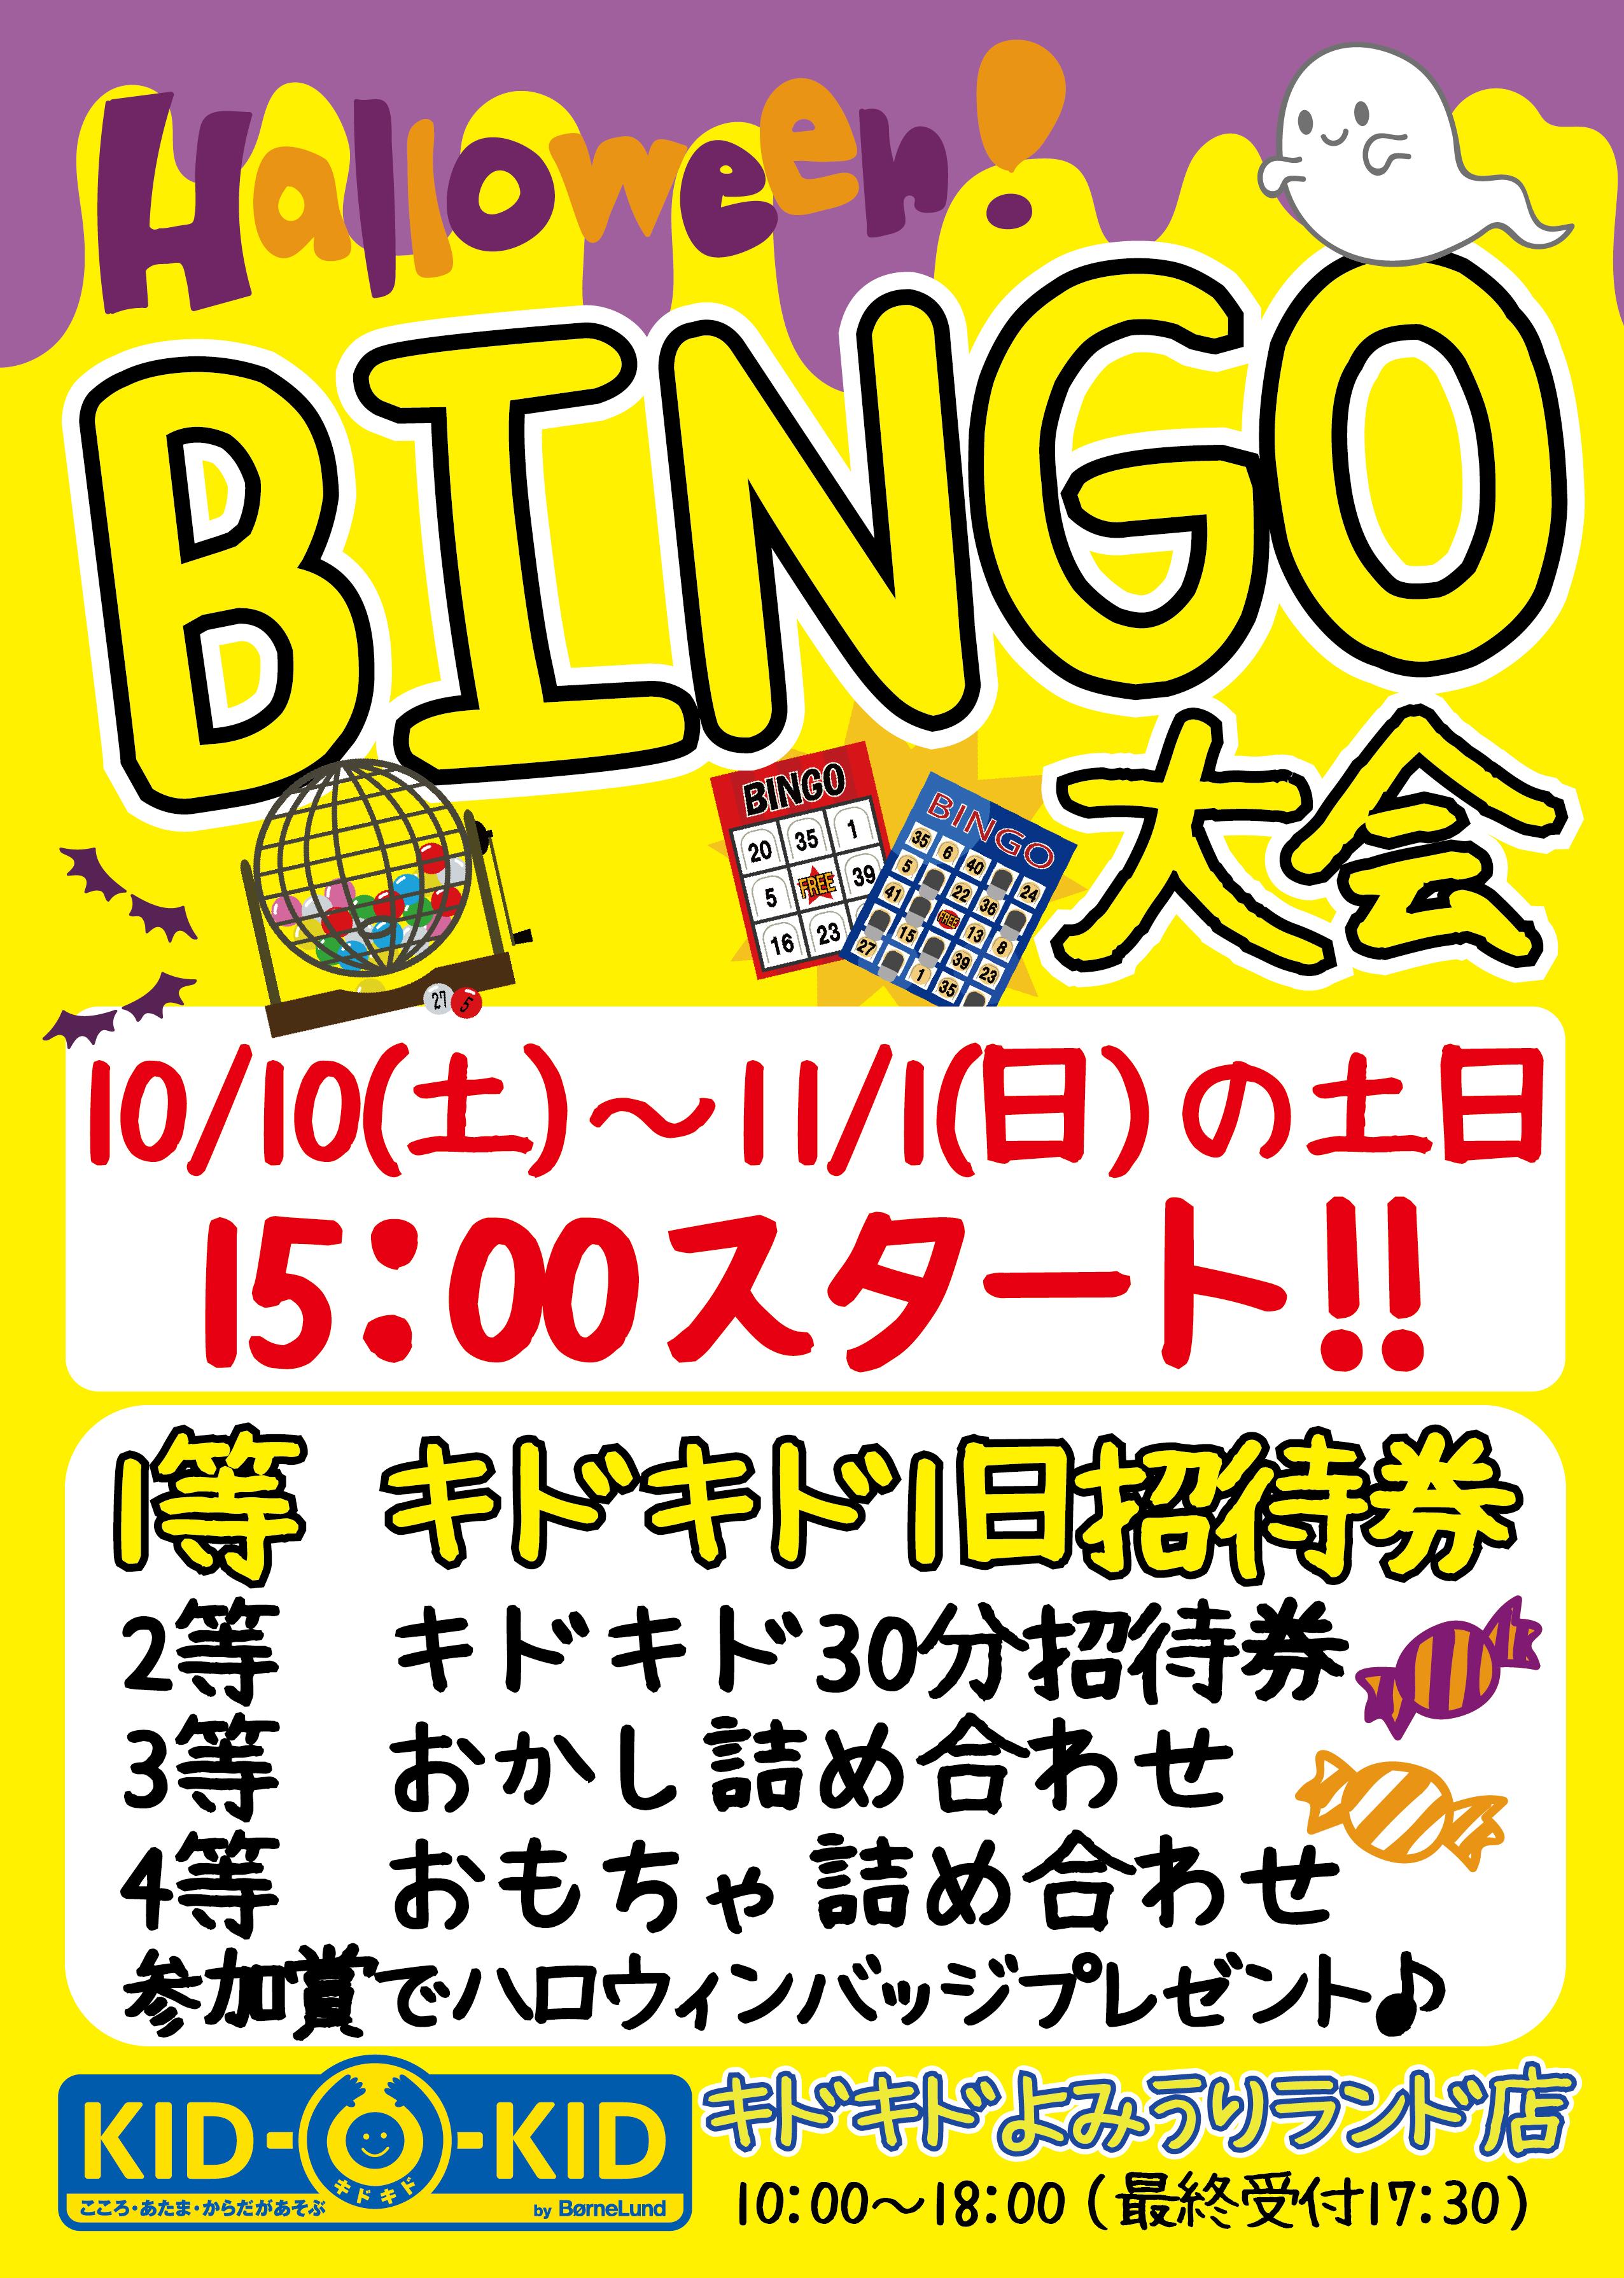 11/1㊐15時 ハロウィンビンゴ大会!